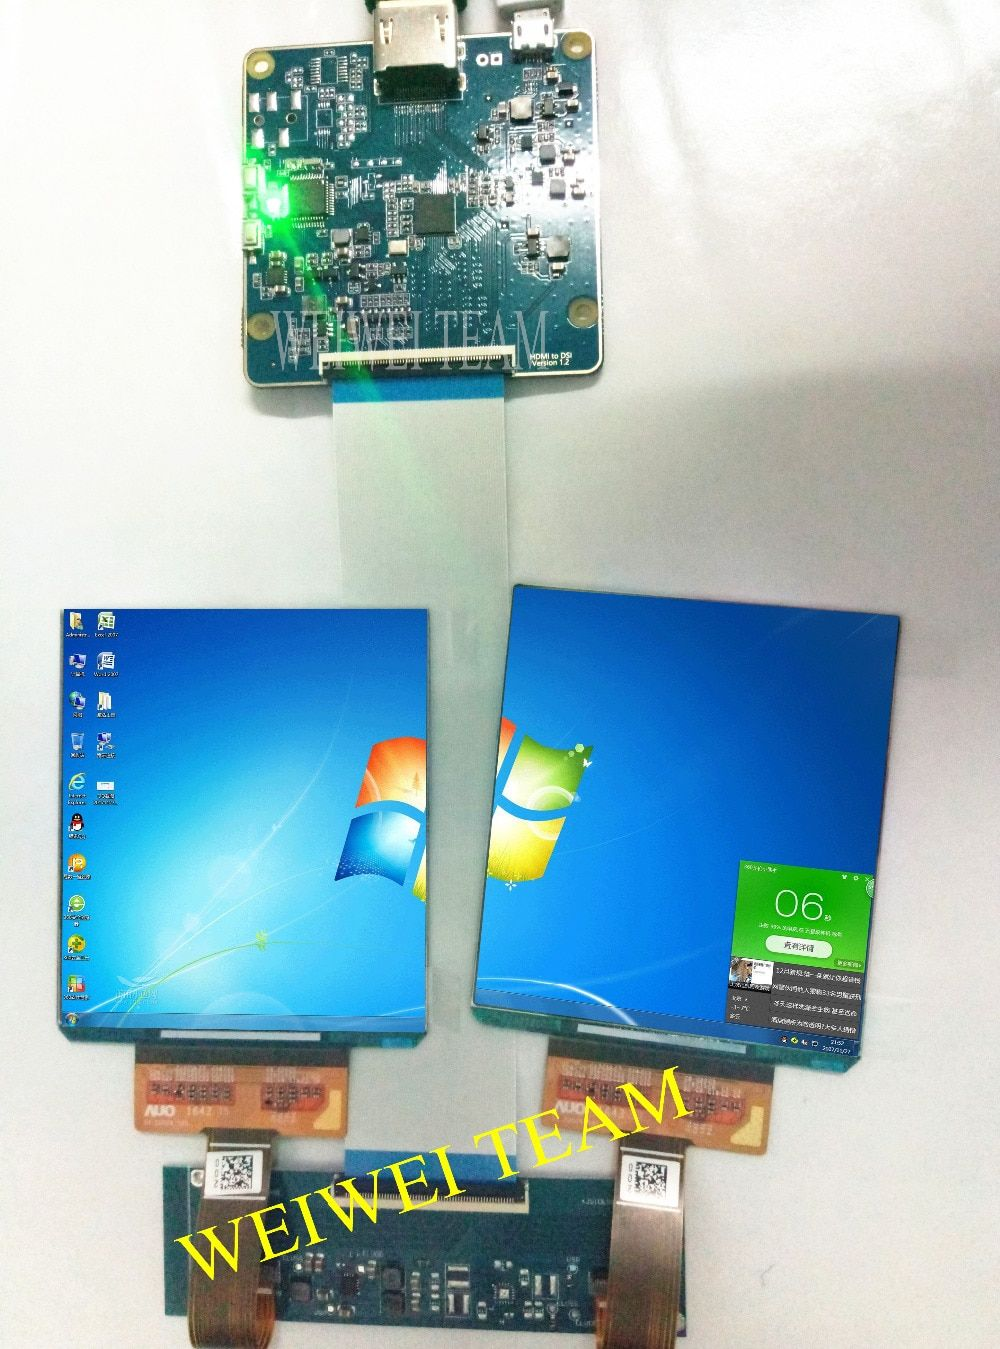 Dual display mit 90 hz 3,81 zoll AMOLED OLED display mit 1080*1200 auflösung für DIY VR projektor/ vr gläser/vr headset/HMD